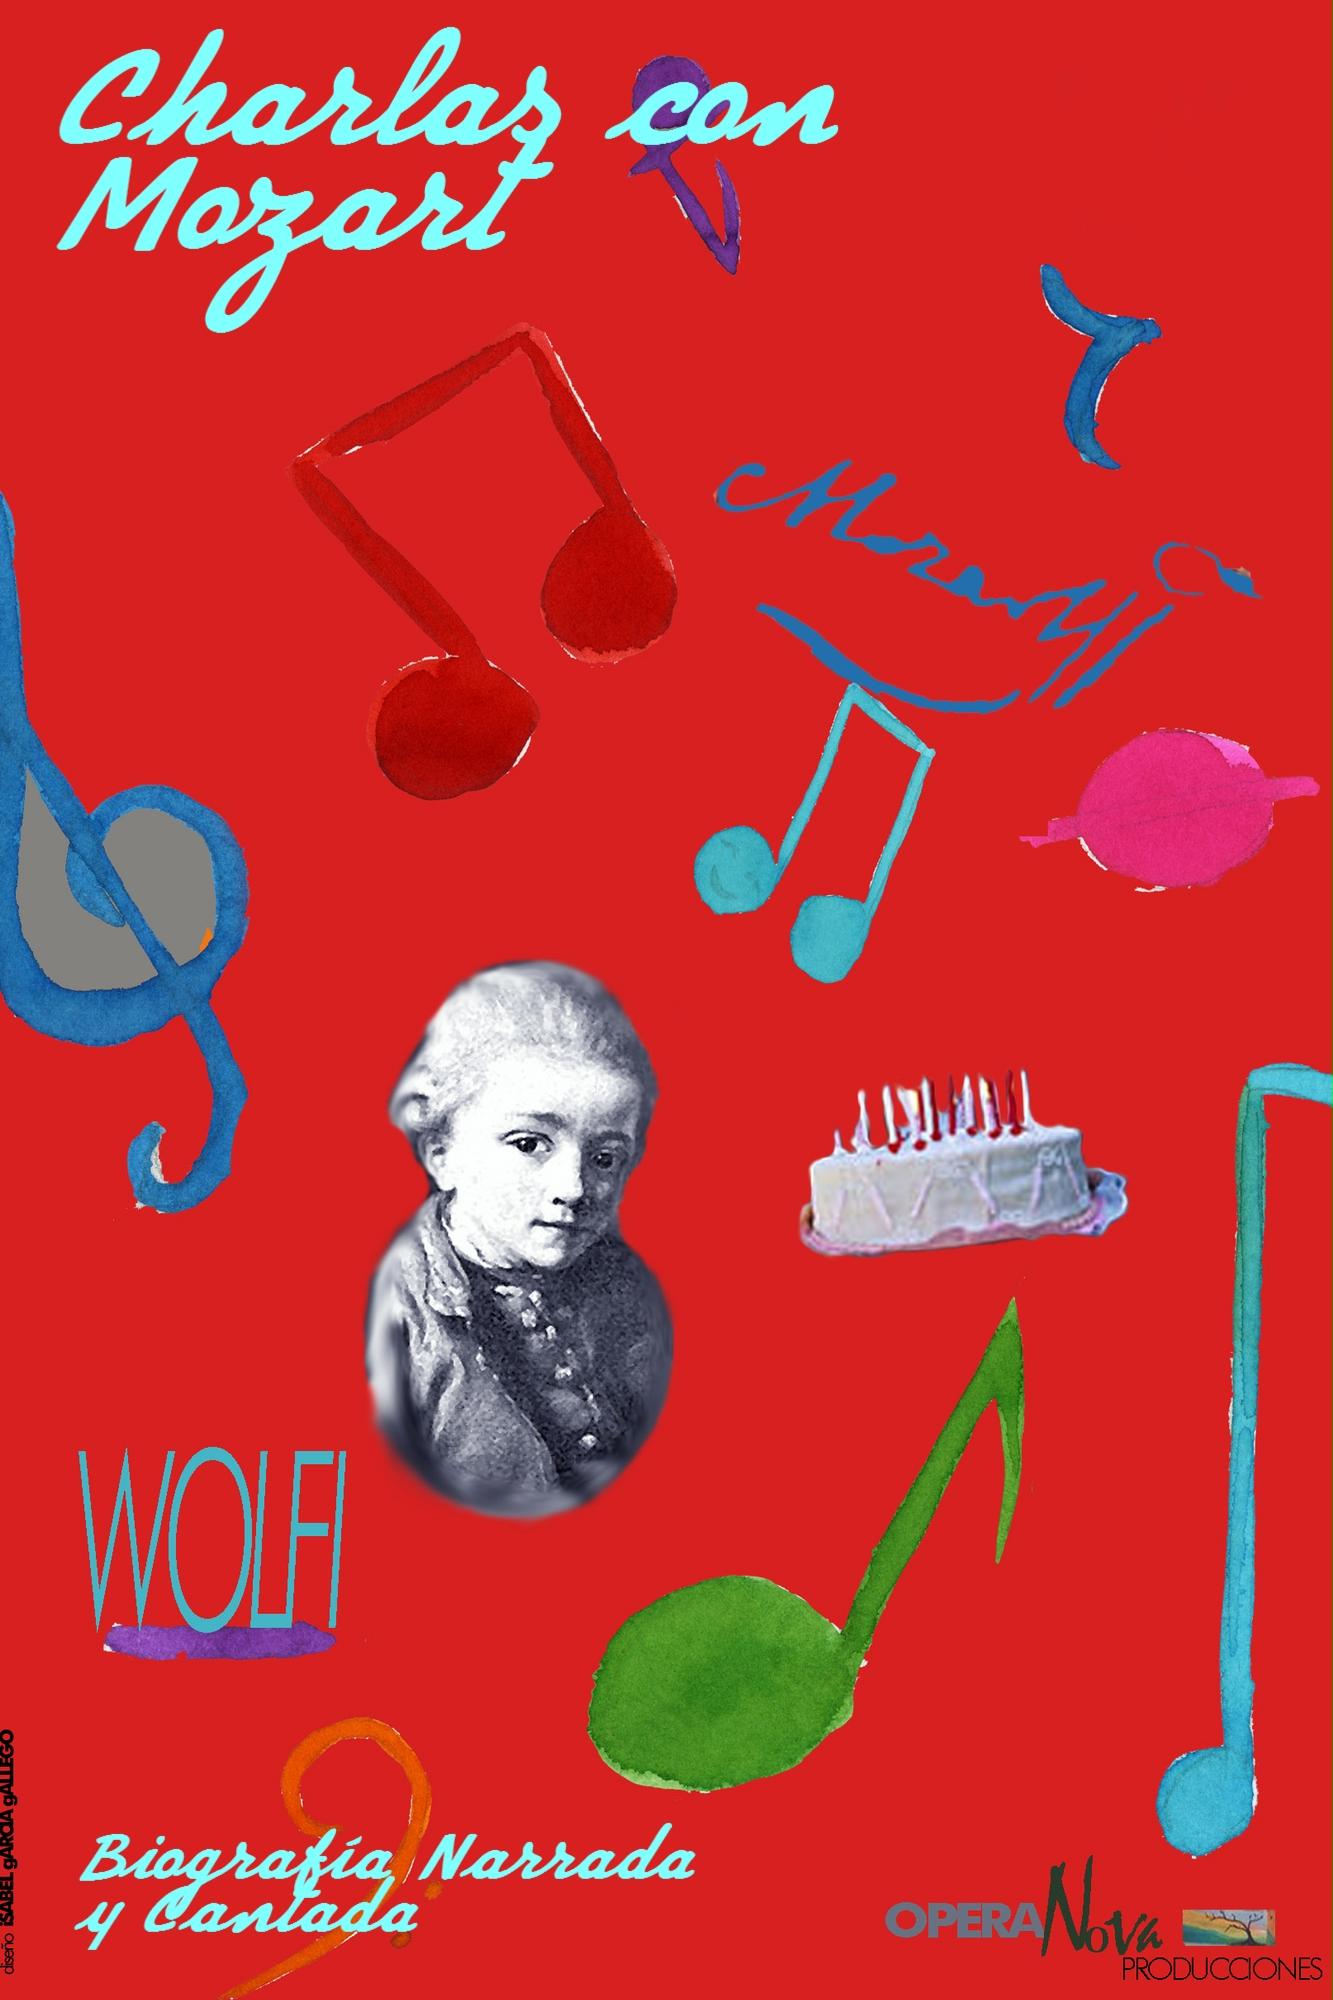 Charlas con Mozart